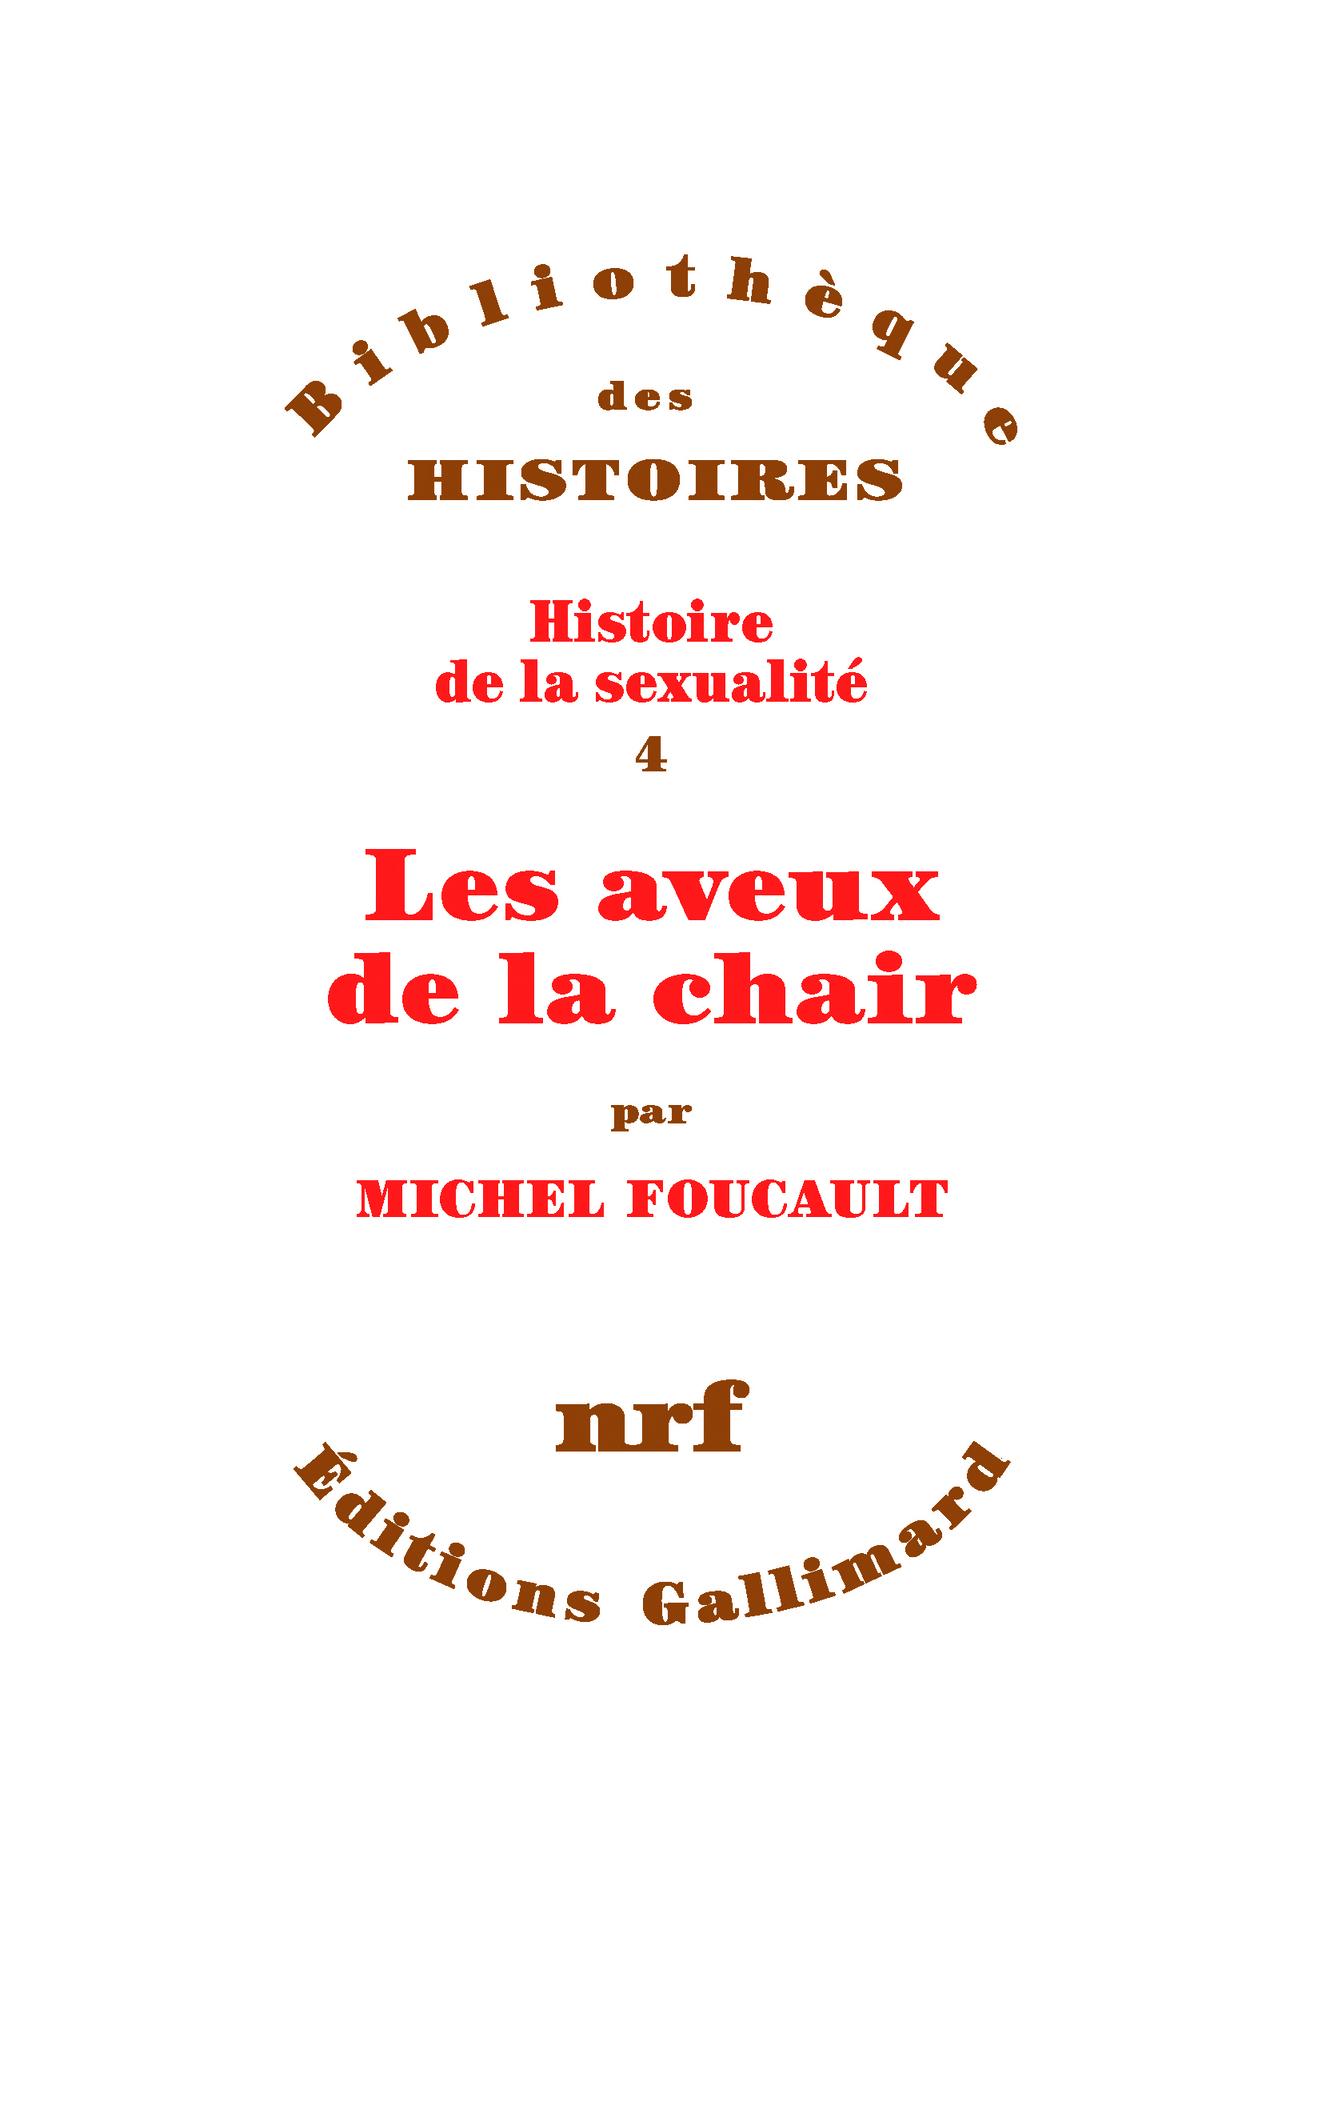 M. Foucault, Les Aveux de la chair (Histoire de la sexualité, t. IV, inédit)